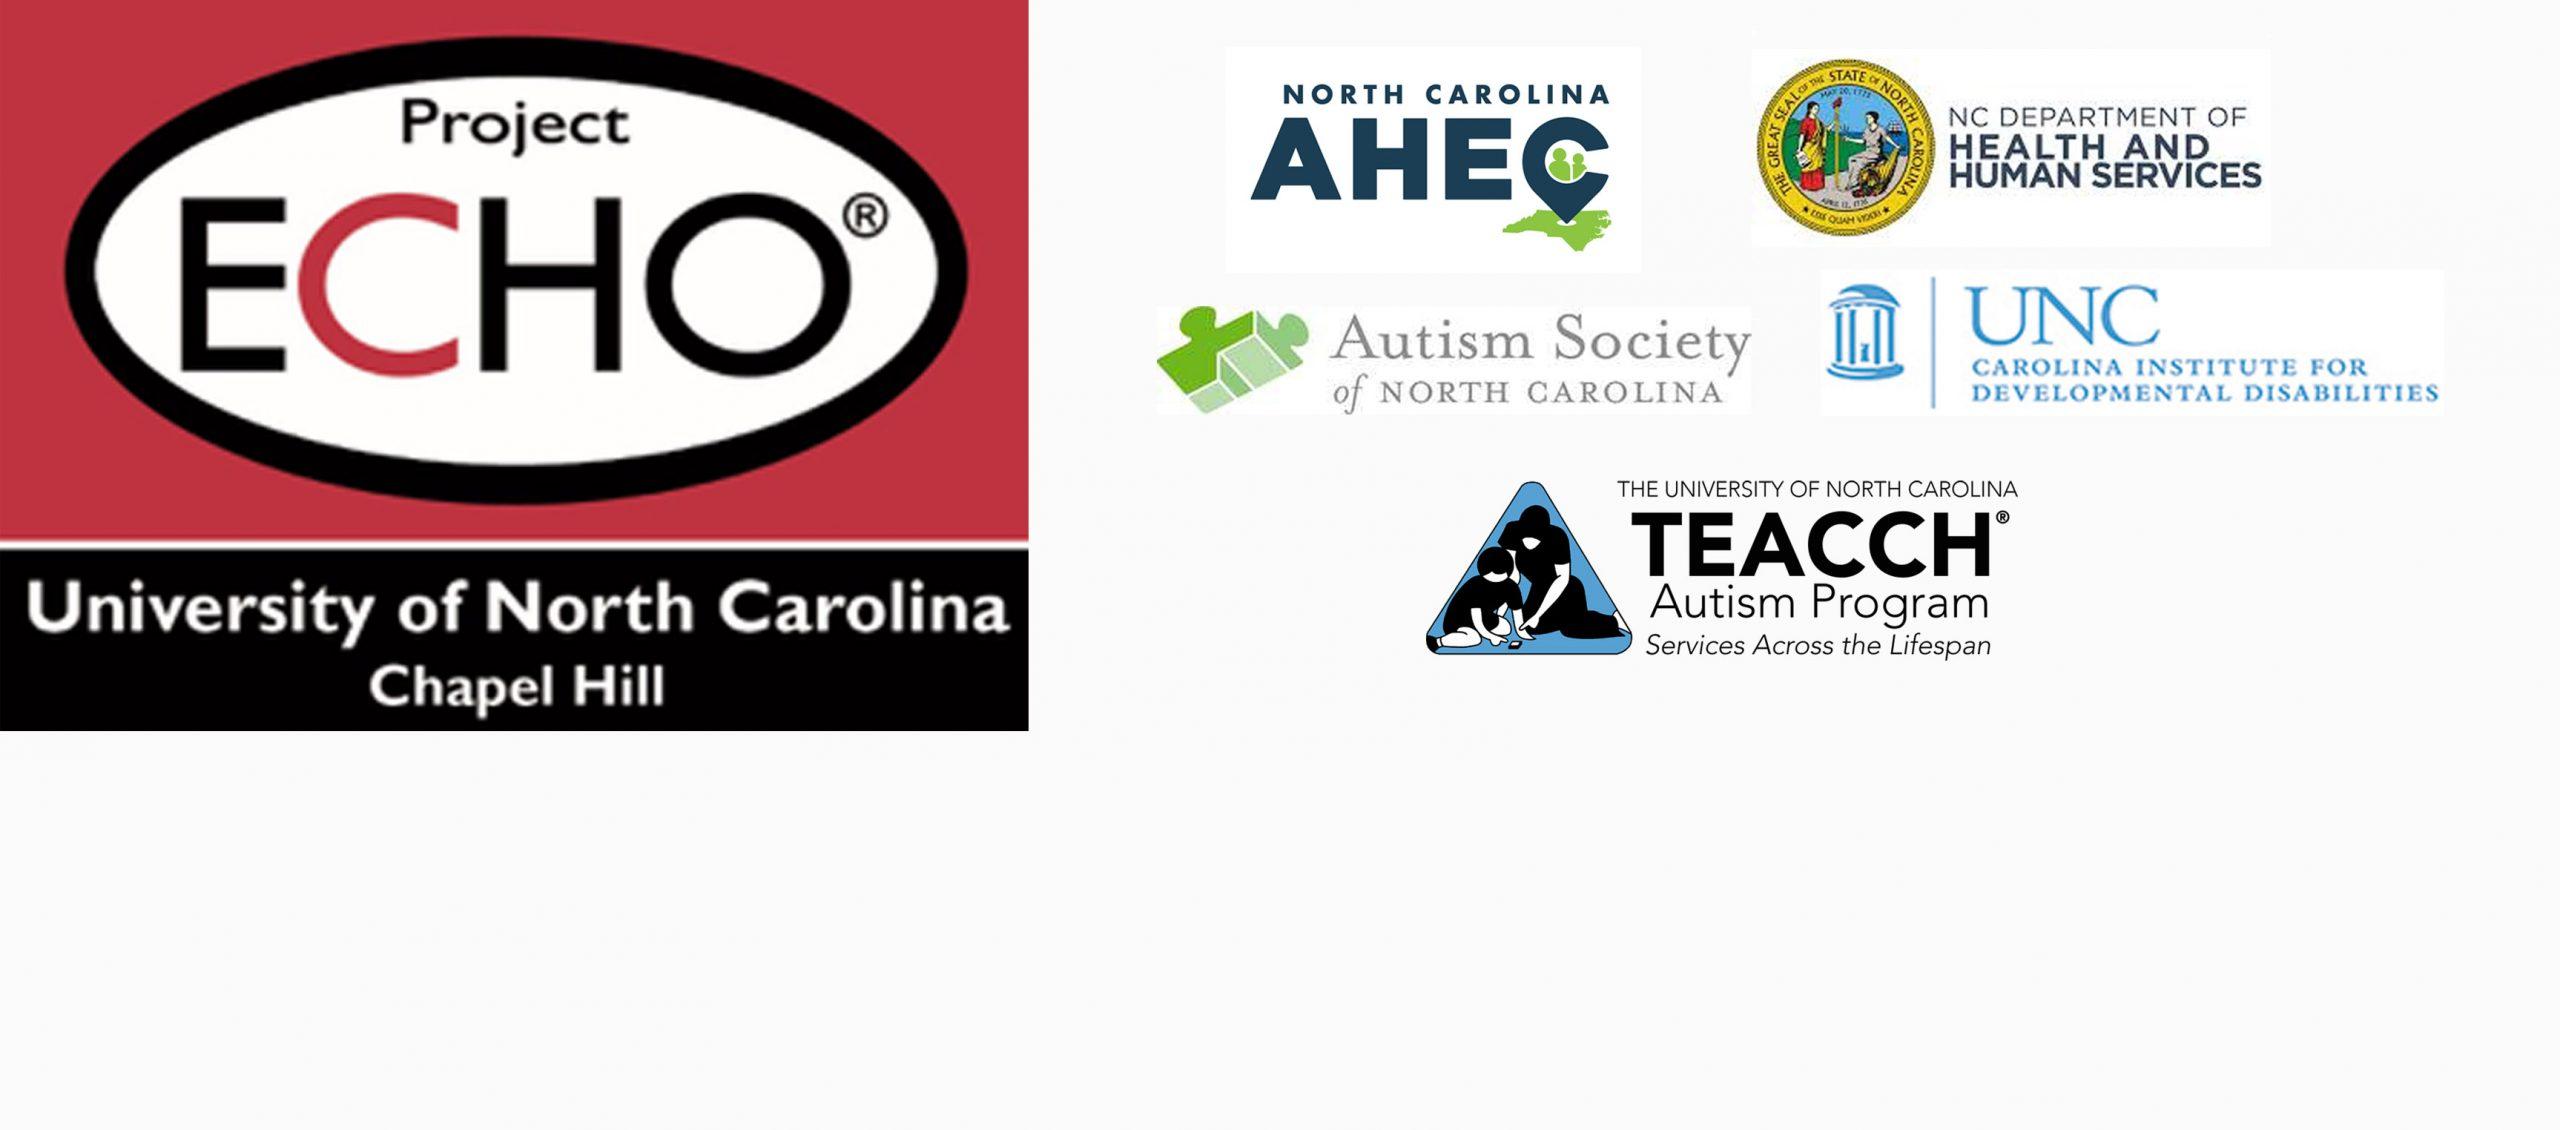 Home Teacch Autism Program